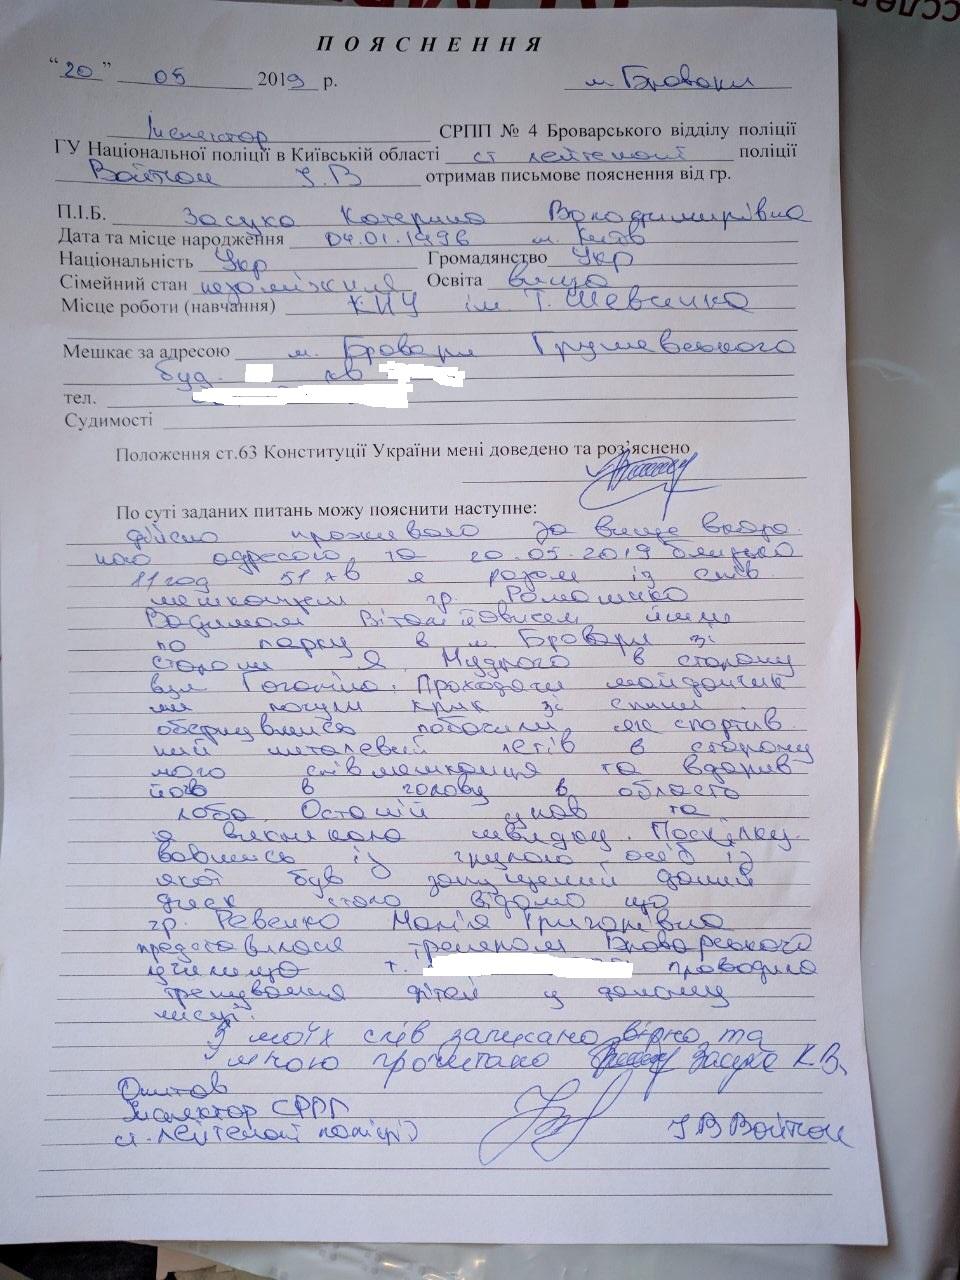 yzobrazhenye_viber_2019-05-23_12-21-30 Залишитися живим: небезпечний парк відпочинку в Броварах